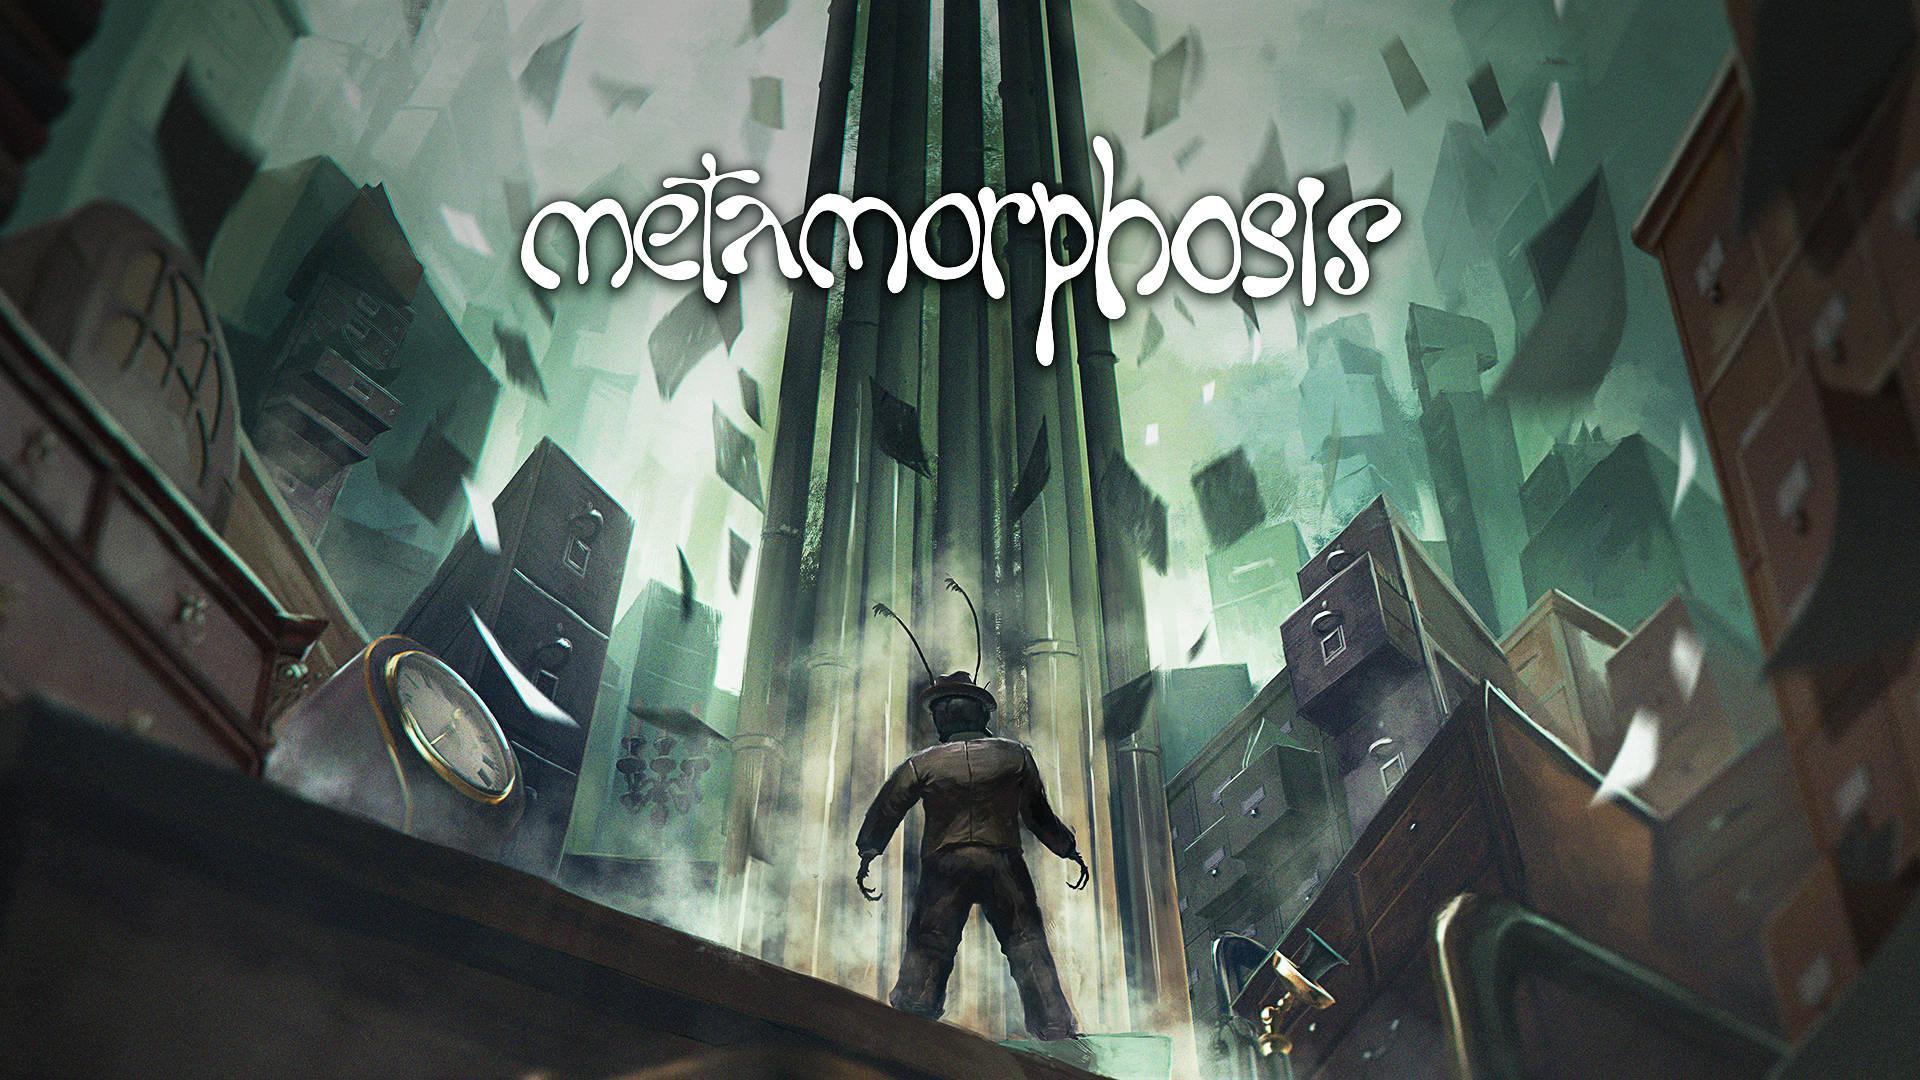 Неизведанный мир насекомых и жук в главной роли - Metamorphosis выйдет на Nintendo Switch в августе, новый трейлер 98